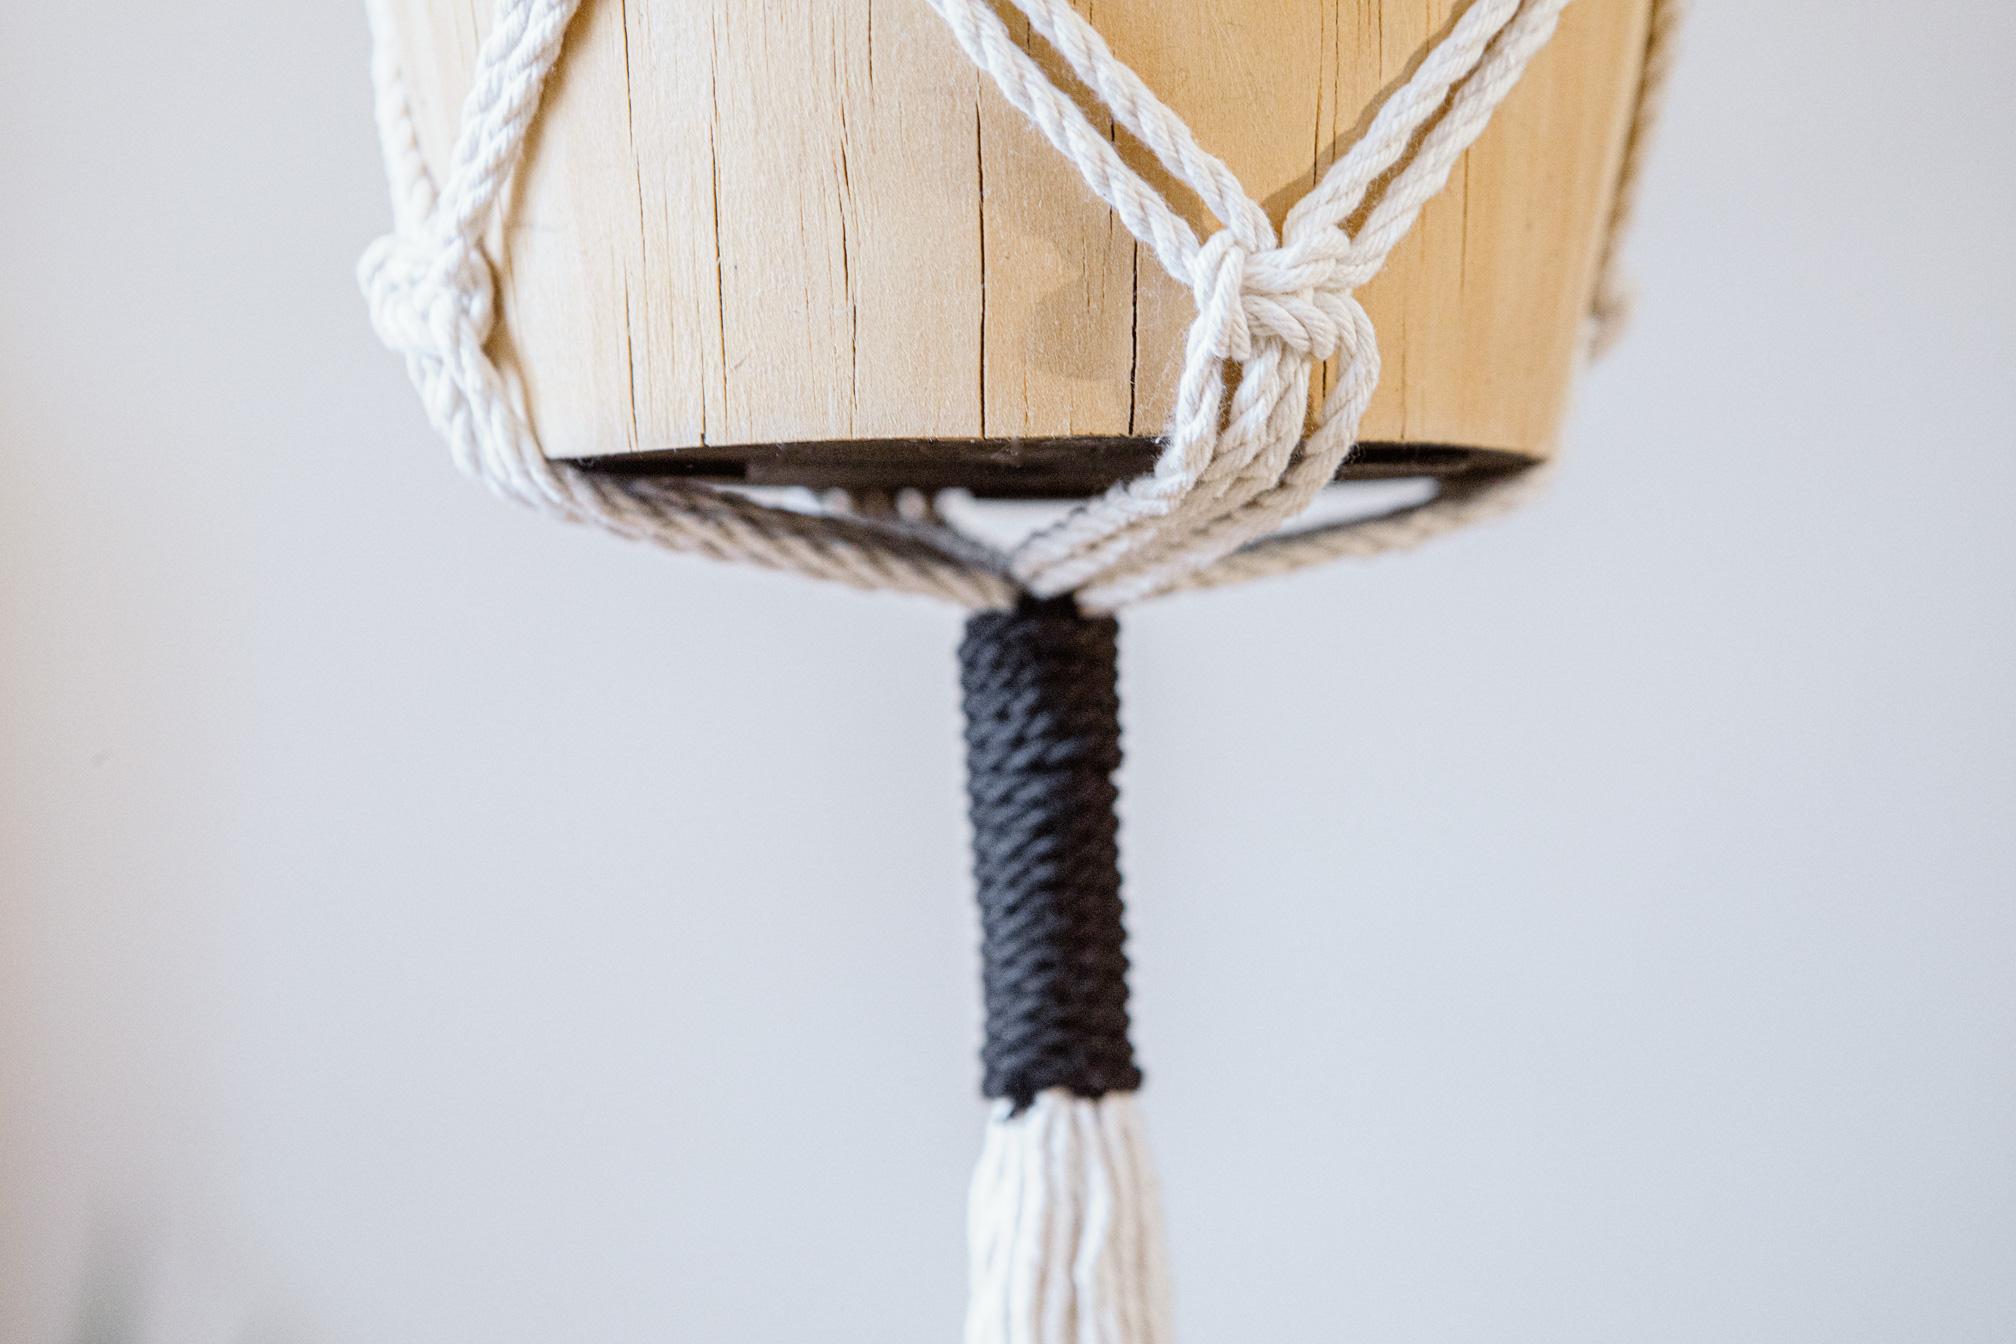 Detalle parte de abajo de macetero artesanal de macramé fabricado en algodón ecológico en color crudo con detalles negros